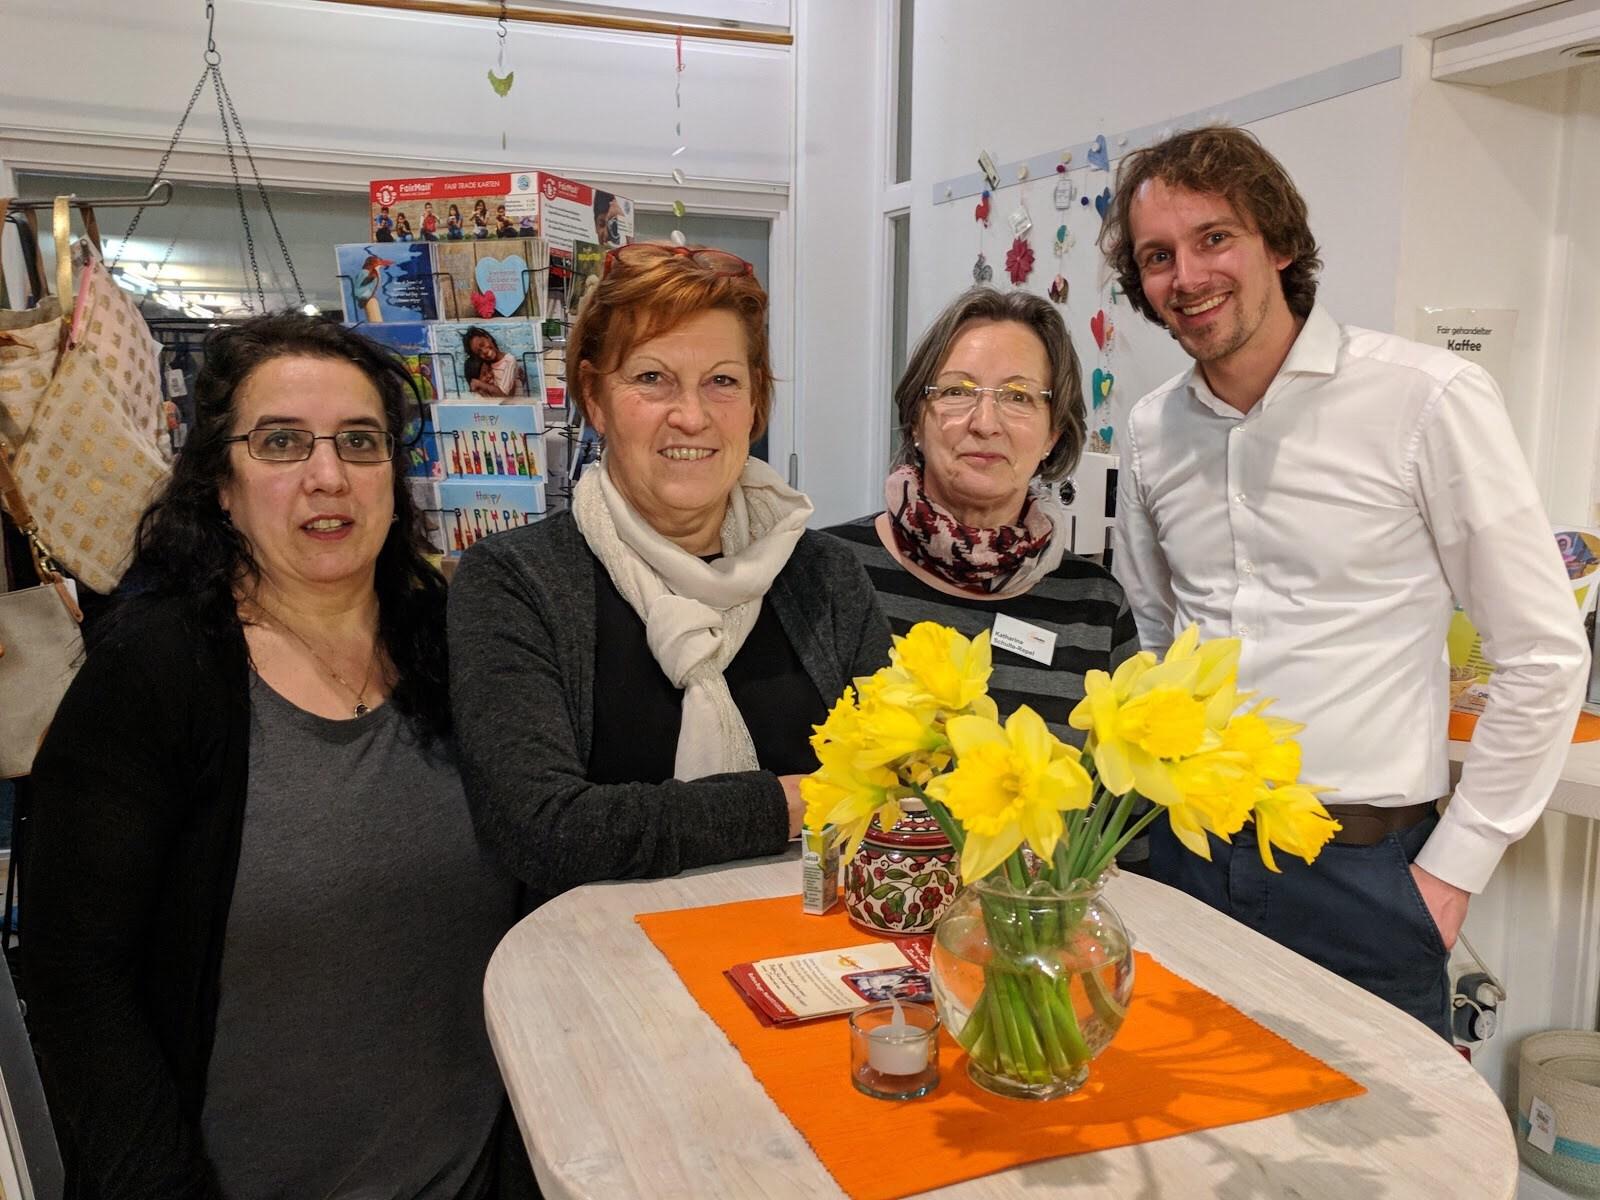 links nach rechts: Carmen Chao Barbeito, Doro Höfer, Katharina Schulte-Repel und der Referent von El Puente, Michael Sommer.